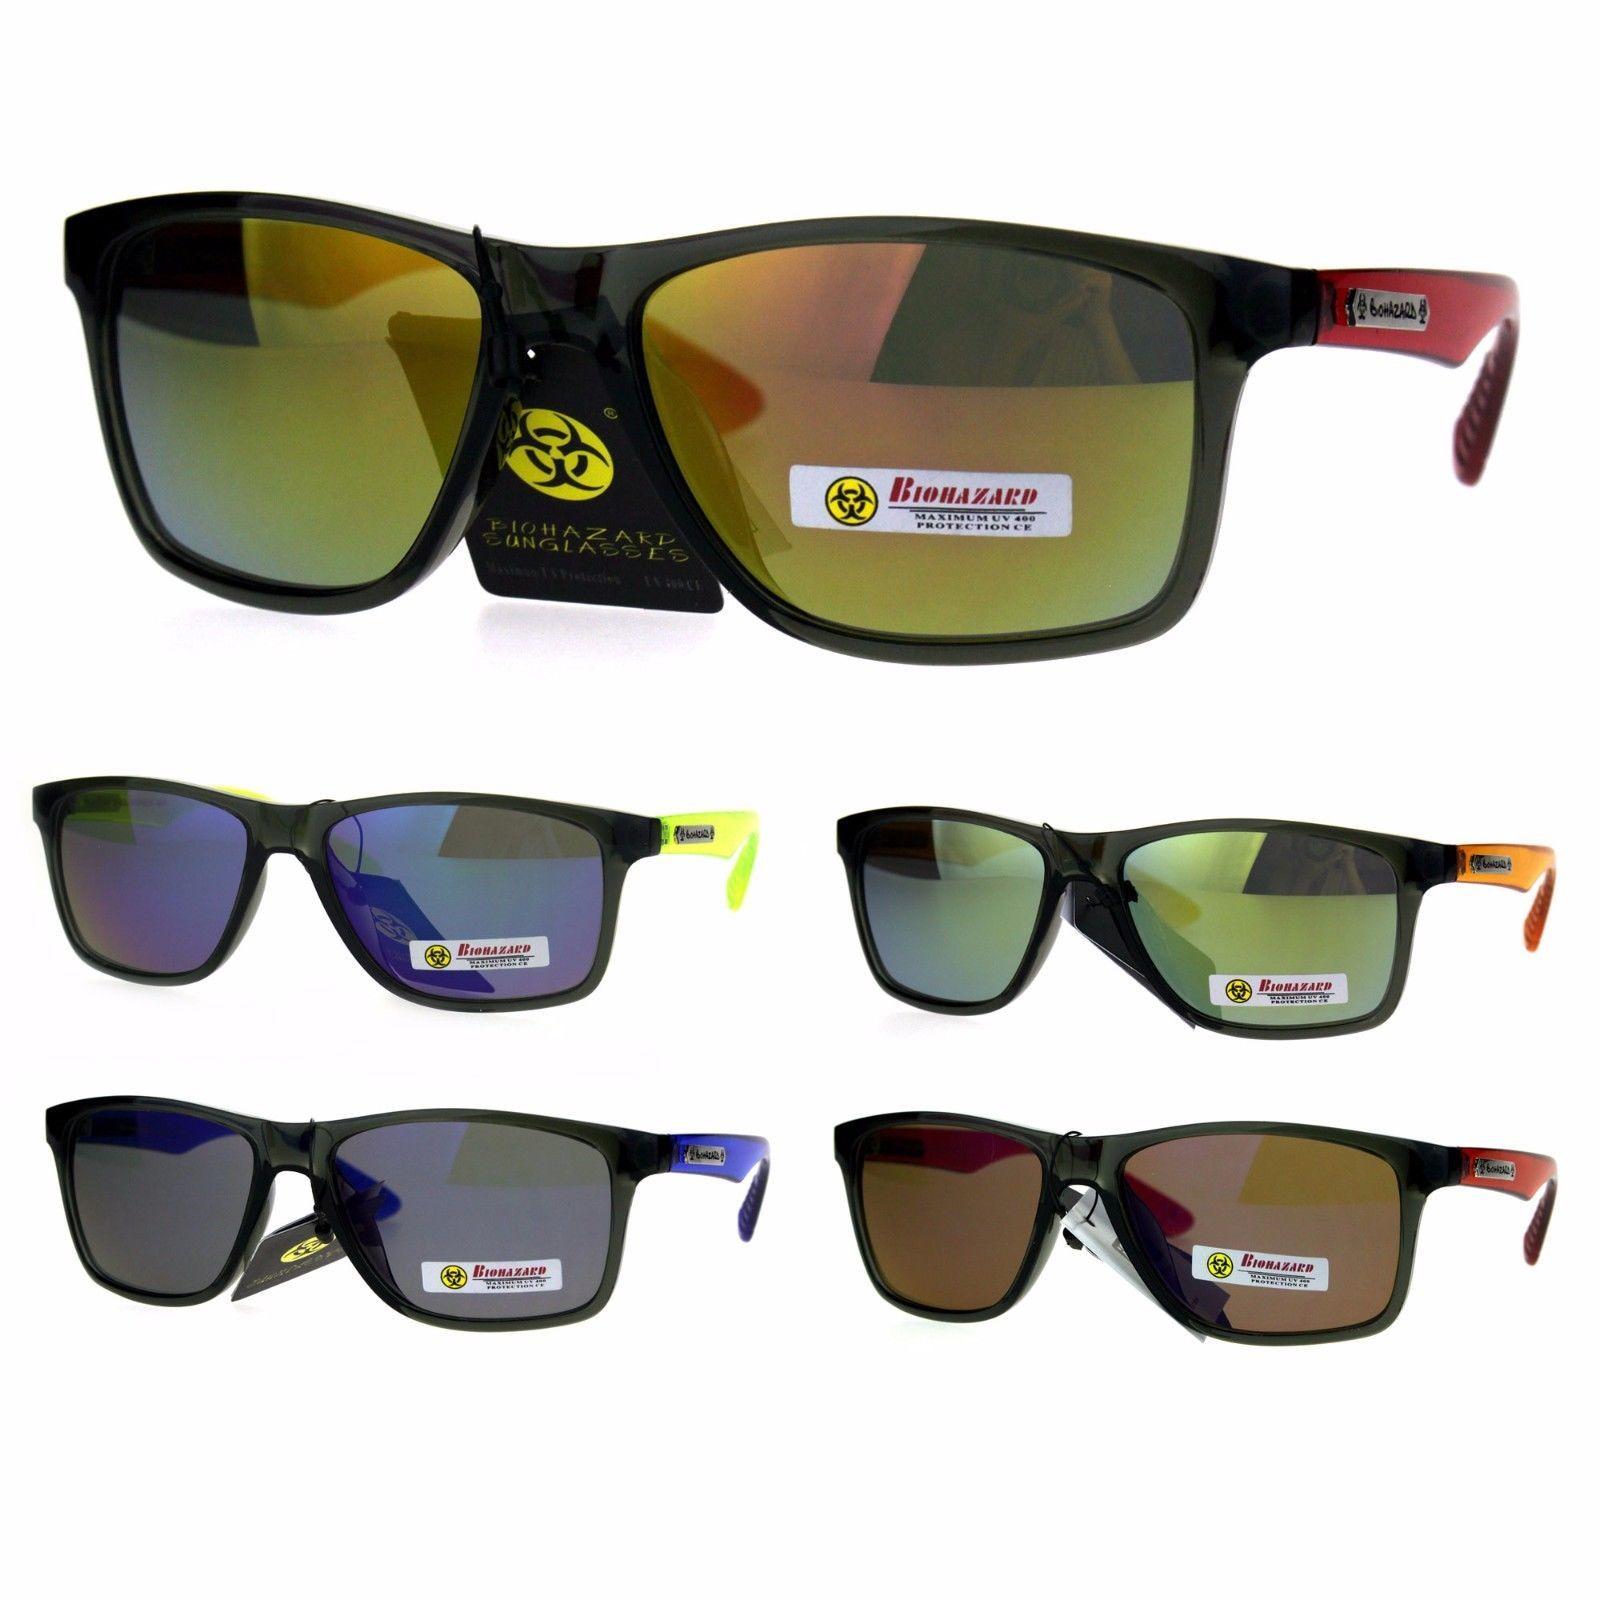 56c99a4f894 S l1600. S l1600. Previous. Biohazard Mens Reflective Color Mirror Thin  Plastic Sport Sunglasses